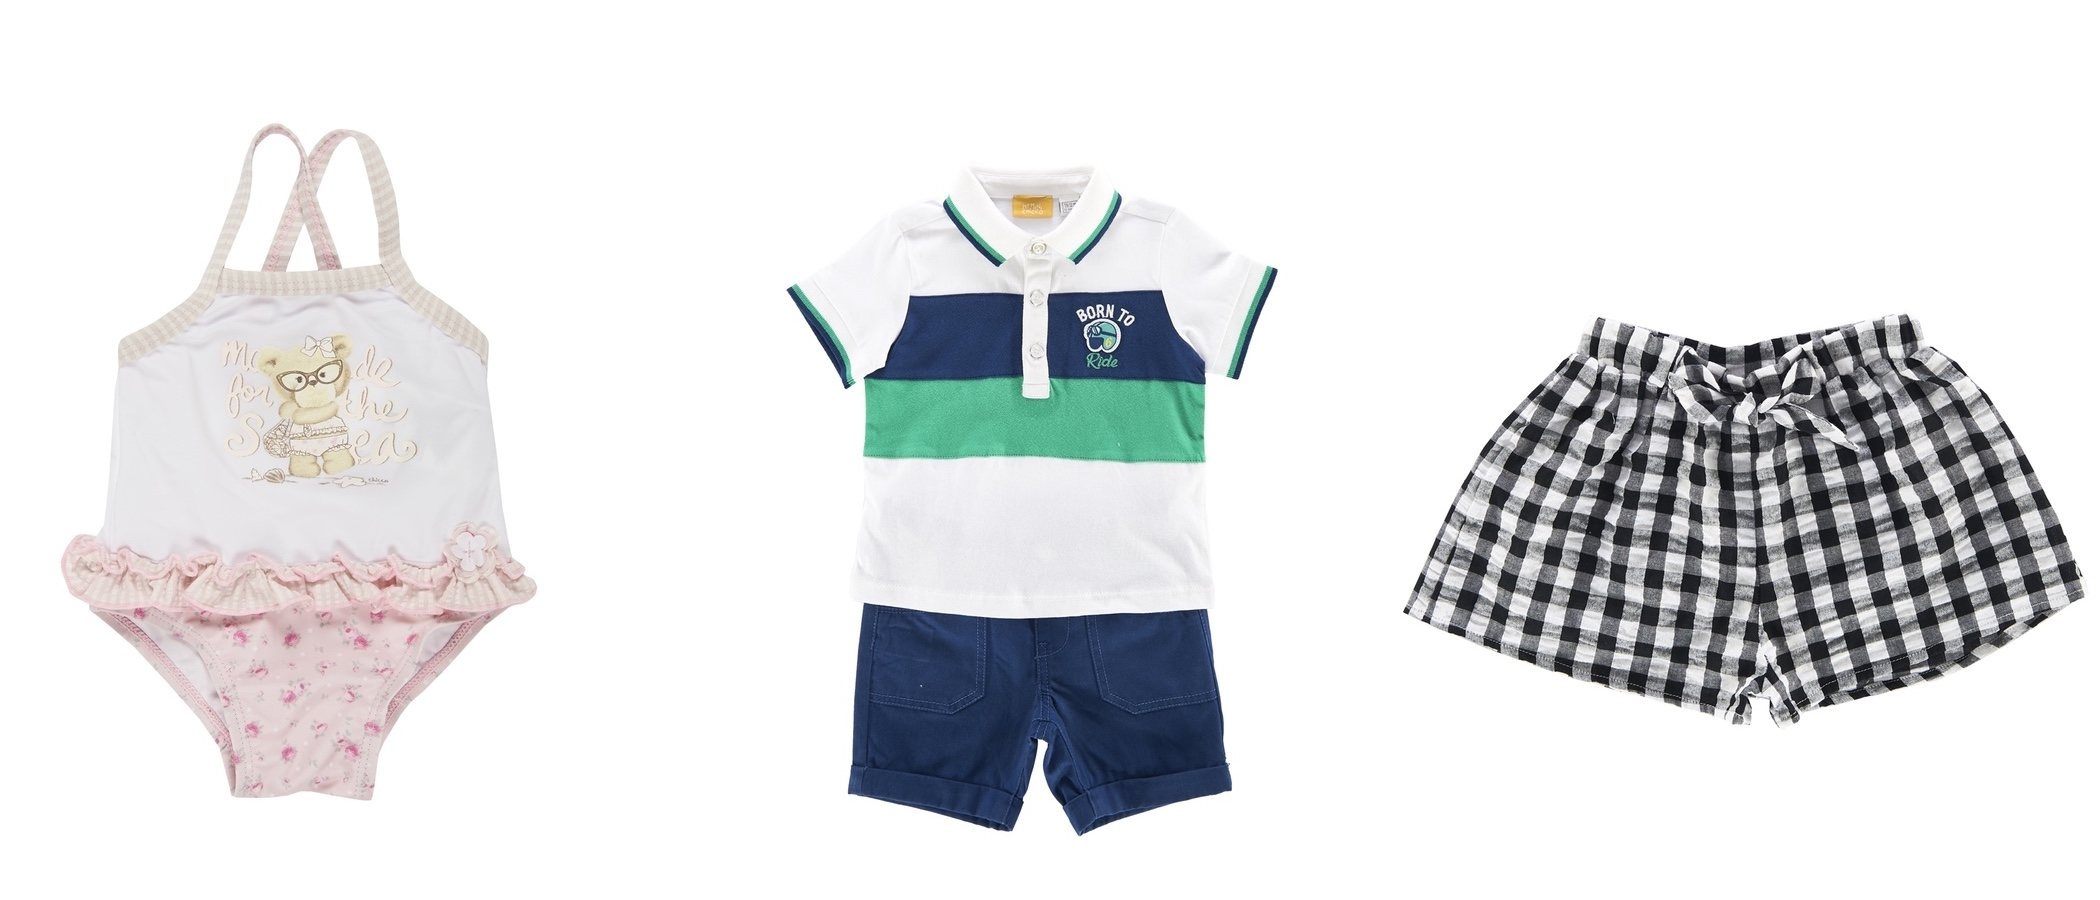 Chicco presenta su nueva y divertida colección primavera/verano 2018